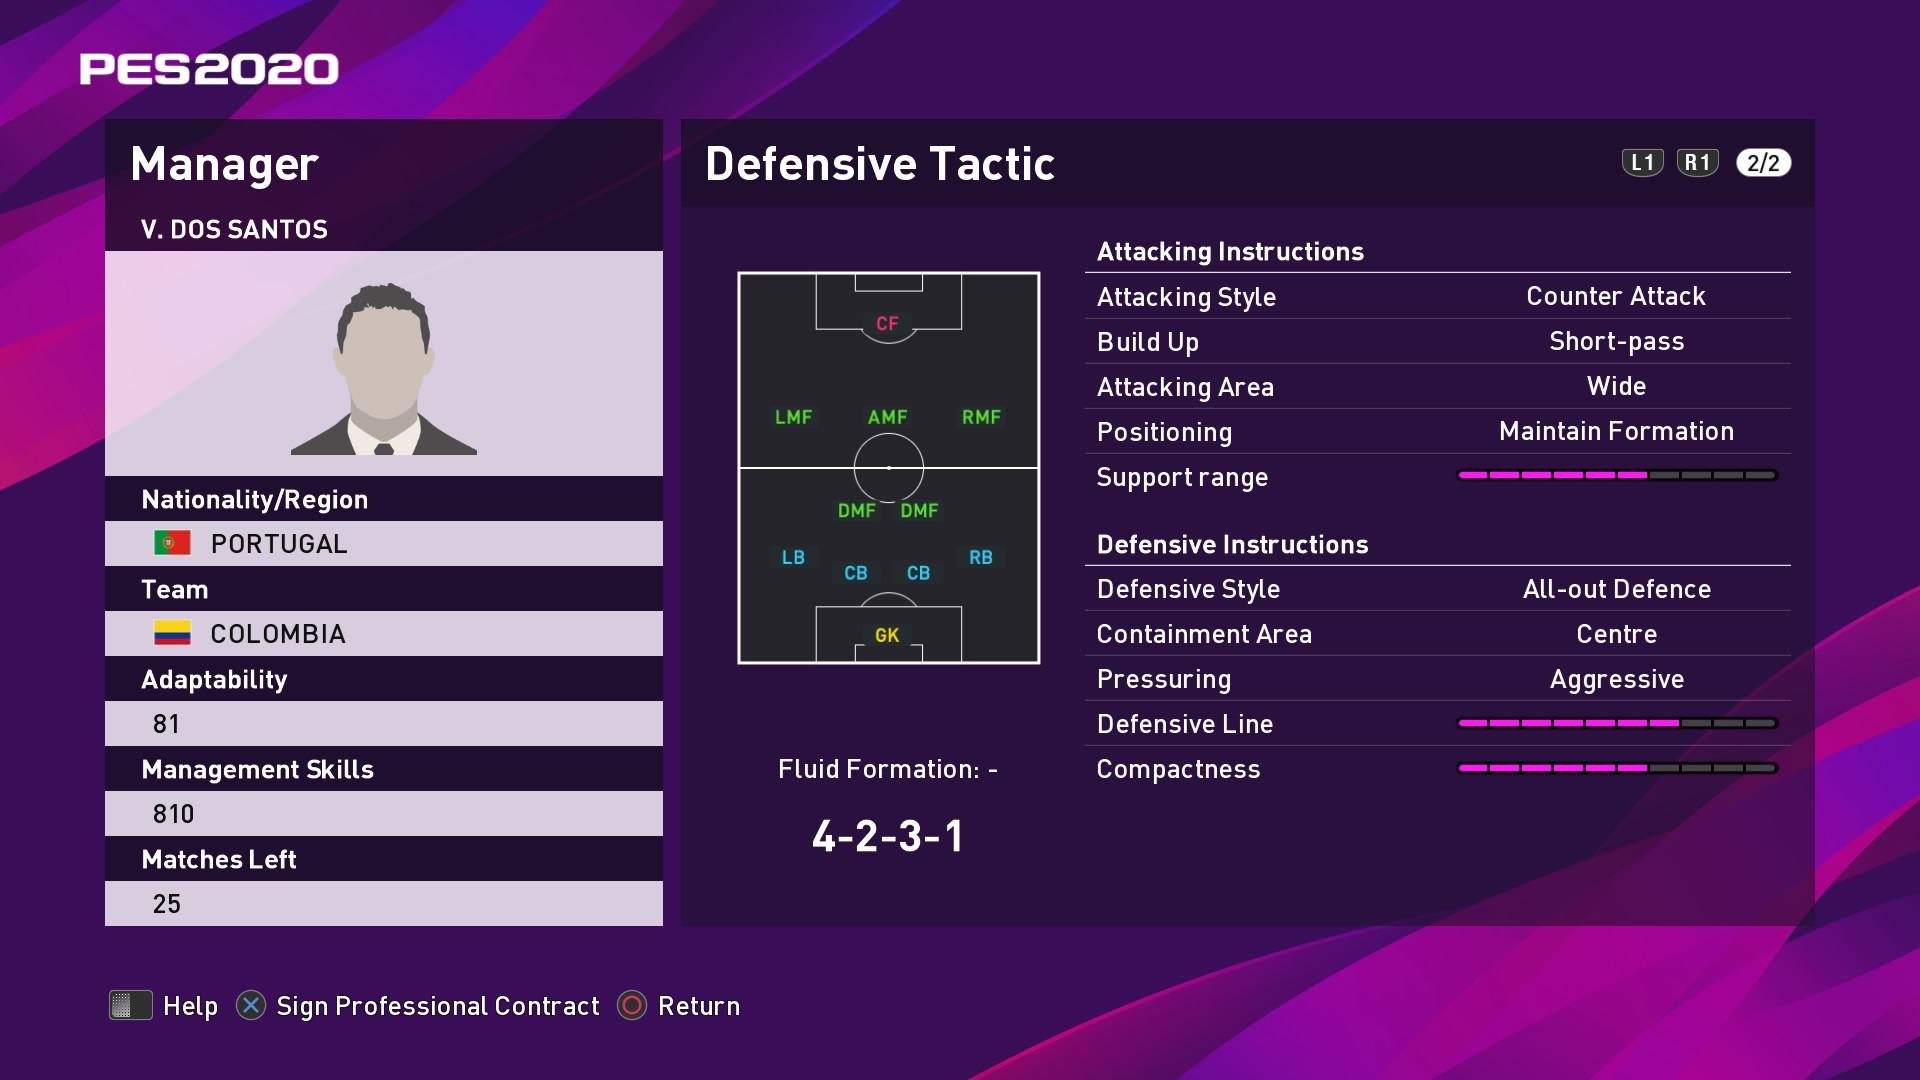 V. dos Santos (Carlos Queiroz) Defensive Tactic in PES 2020 myClub